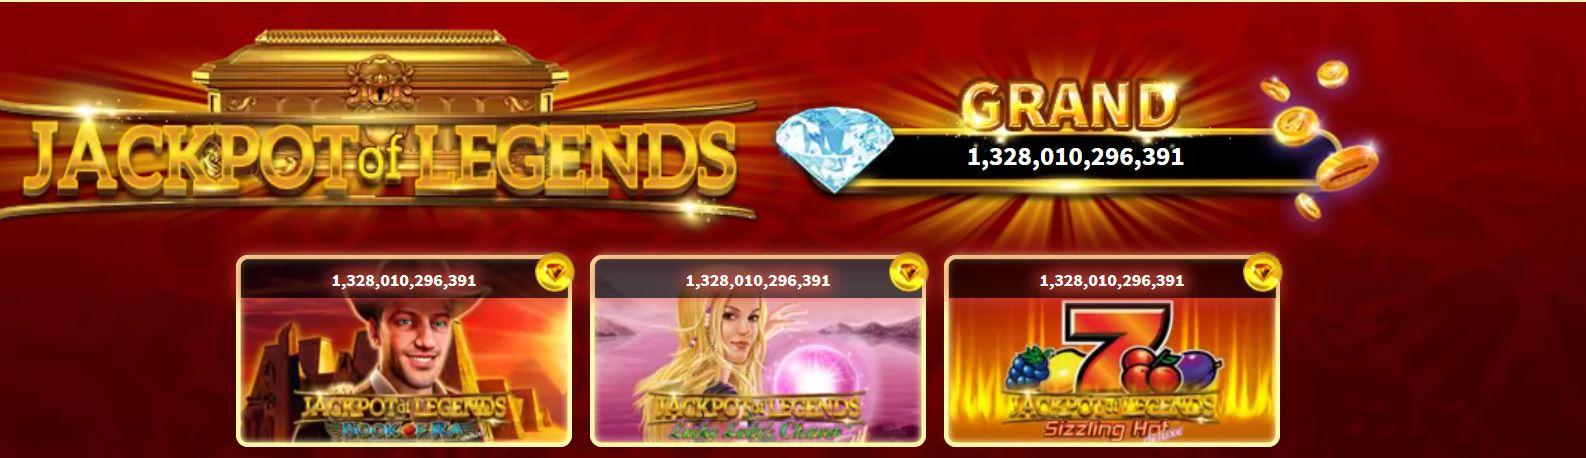 Prueba las tragaperras con bonos para conocer la emoción de los juegos de casino onlne.